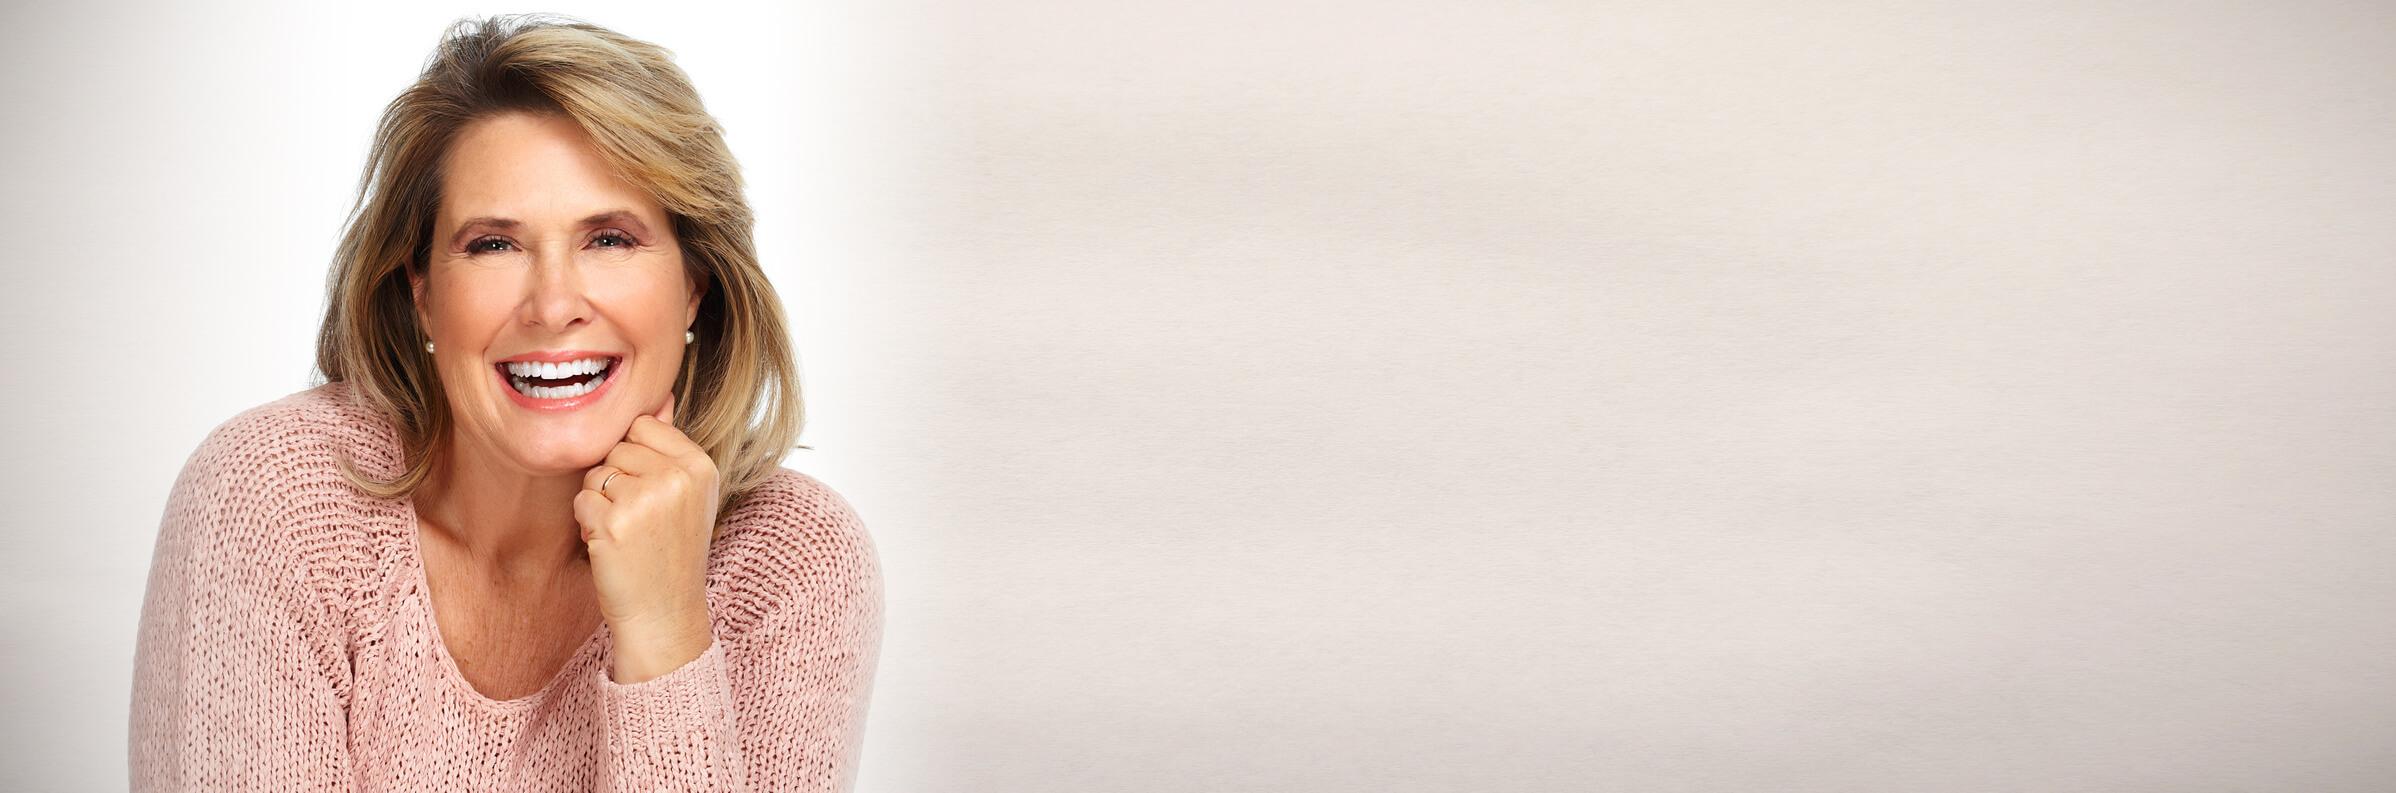 Gesicht und Oberkörper einer lachenden Frau mittleren Alters, die sich über ihre neuen feste Zähne freut, sie trägt einen rosa Wollpulli, der Hindergrund ist hellgrau